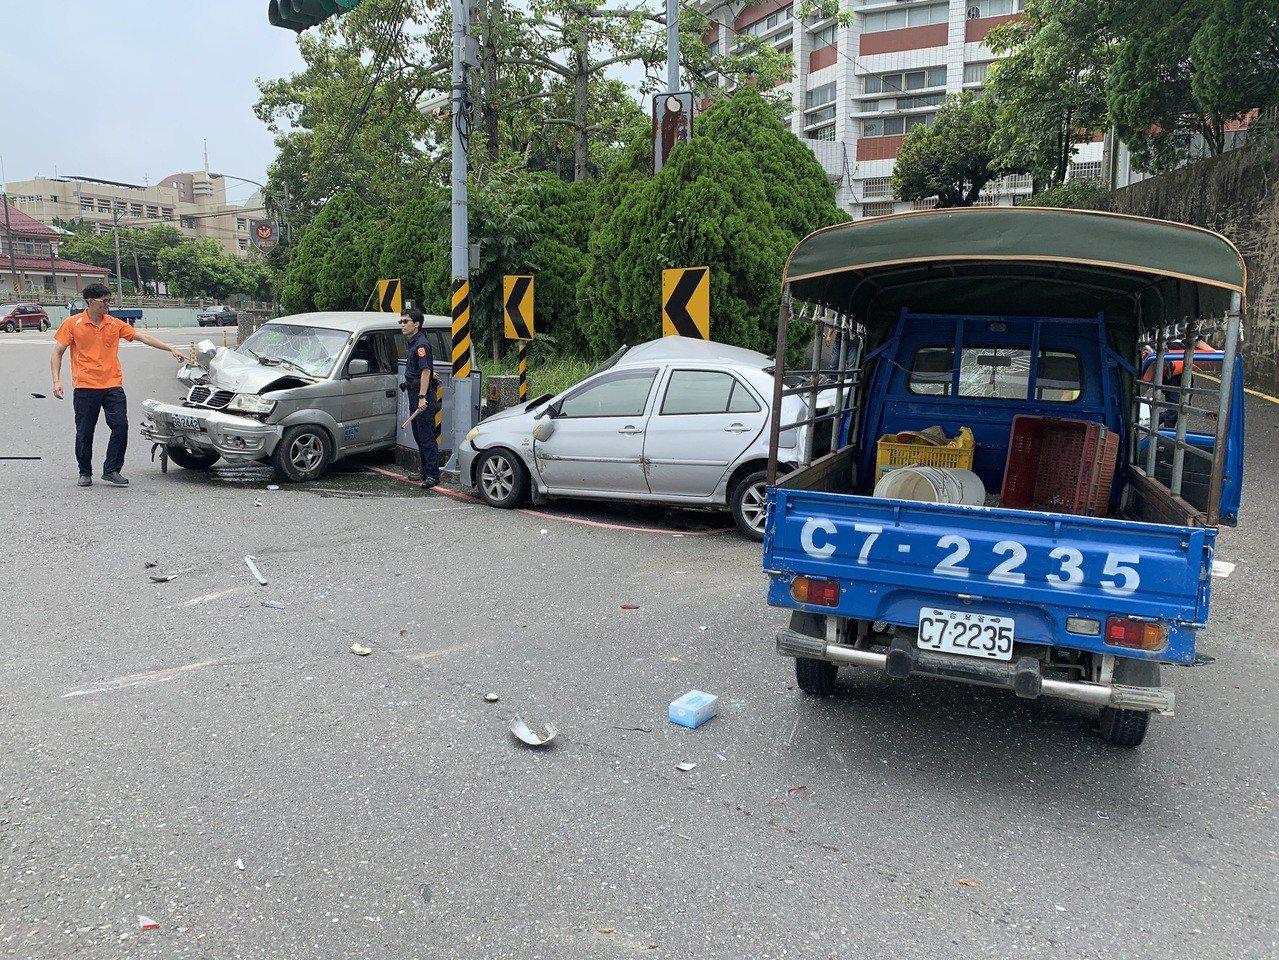 玉井發生連環車禍,小客車駕駛未繫妥安全帶,不幸喪命。記者陳俞安/翻攝